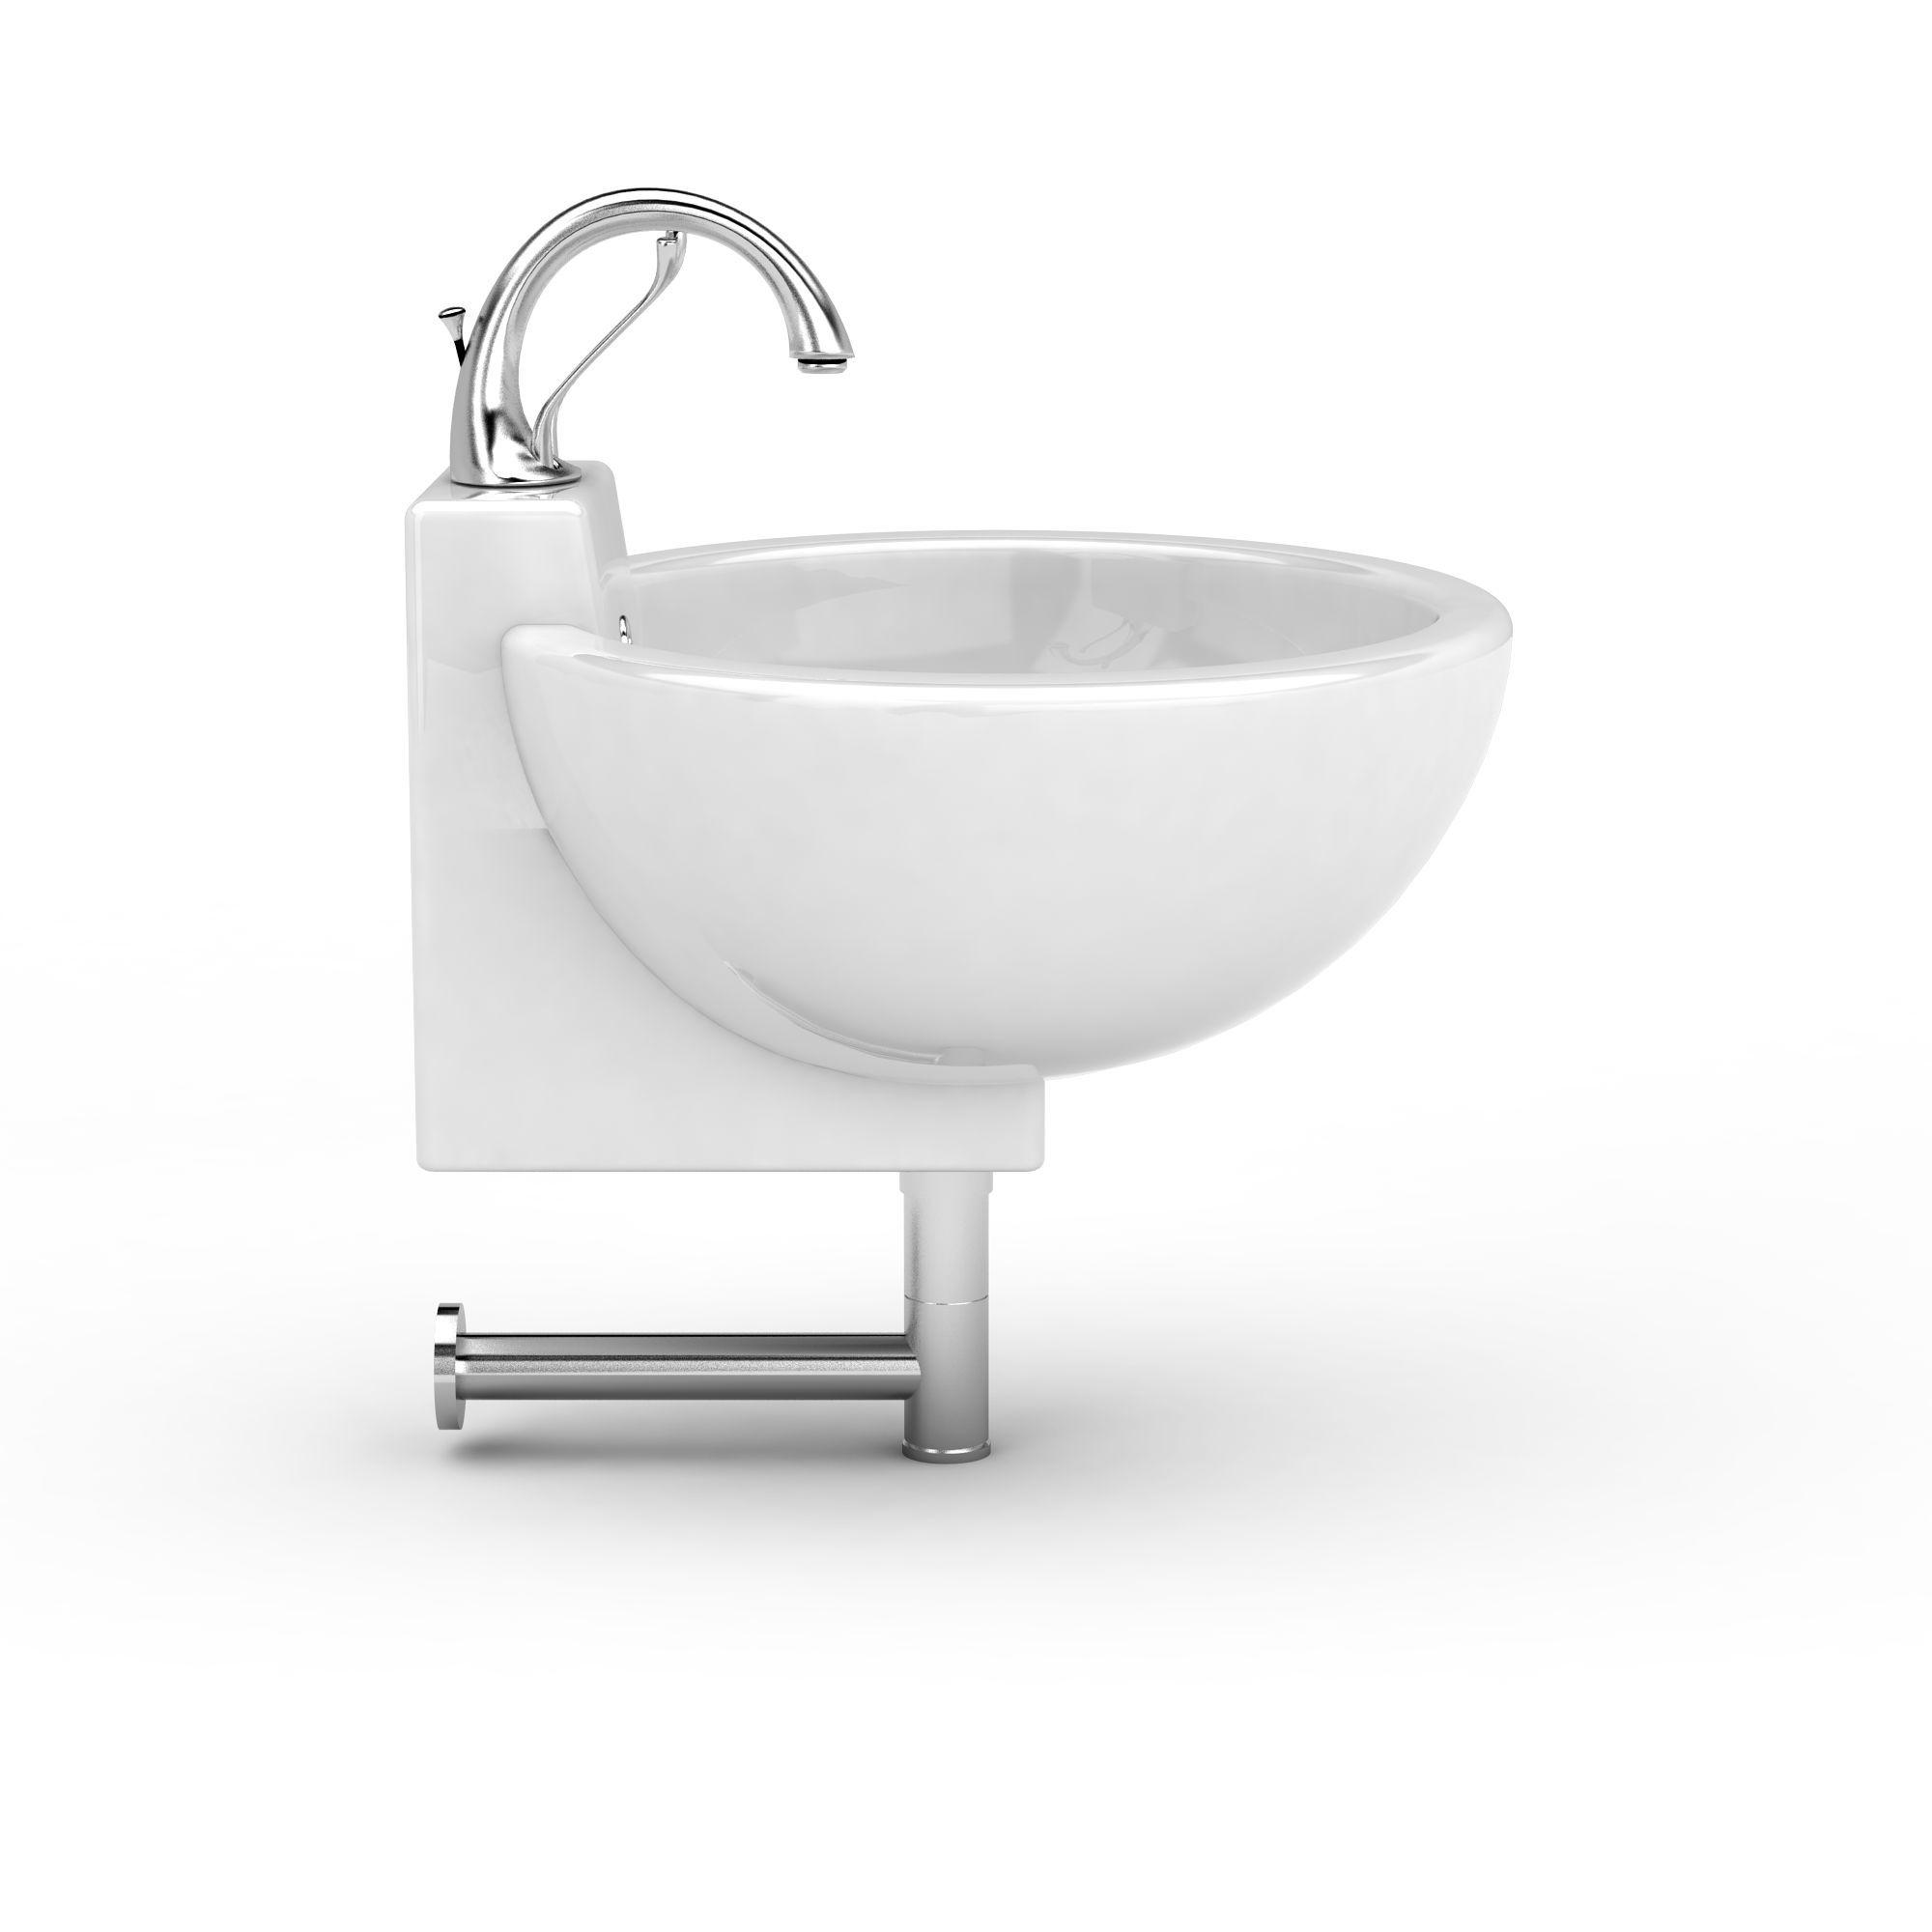 陶瓷洗手台高清图下载